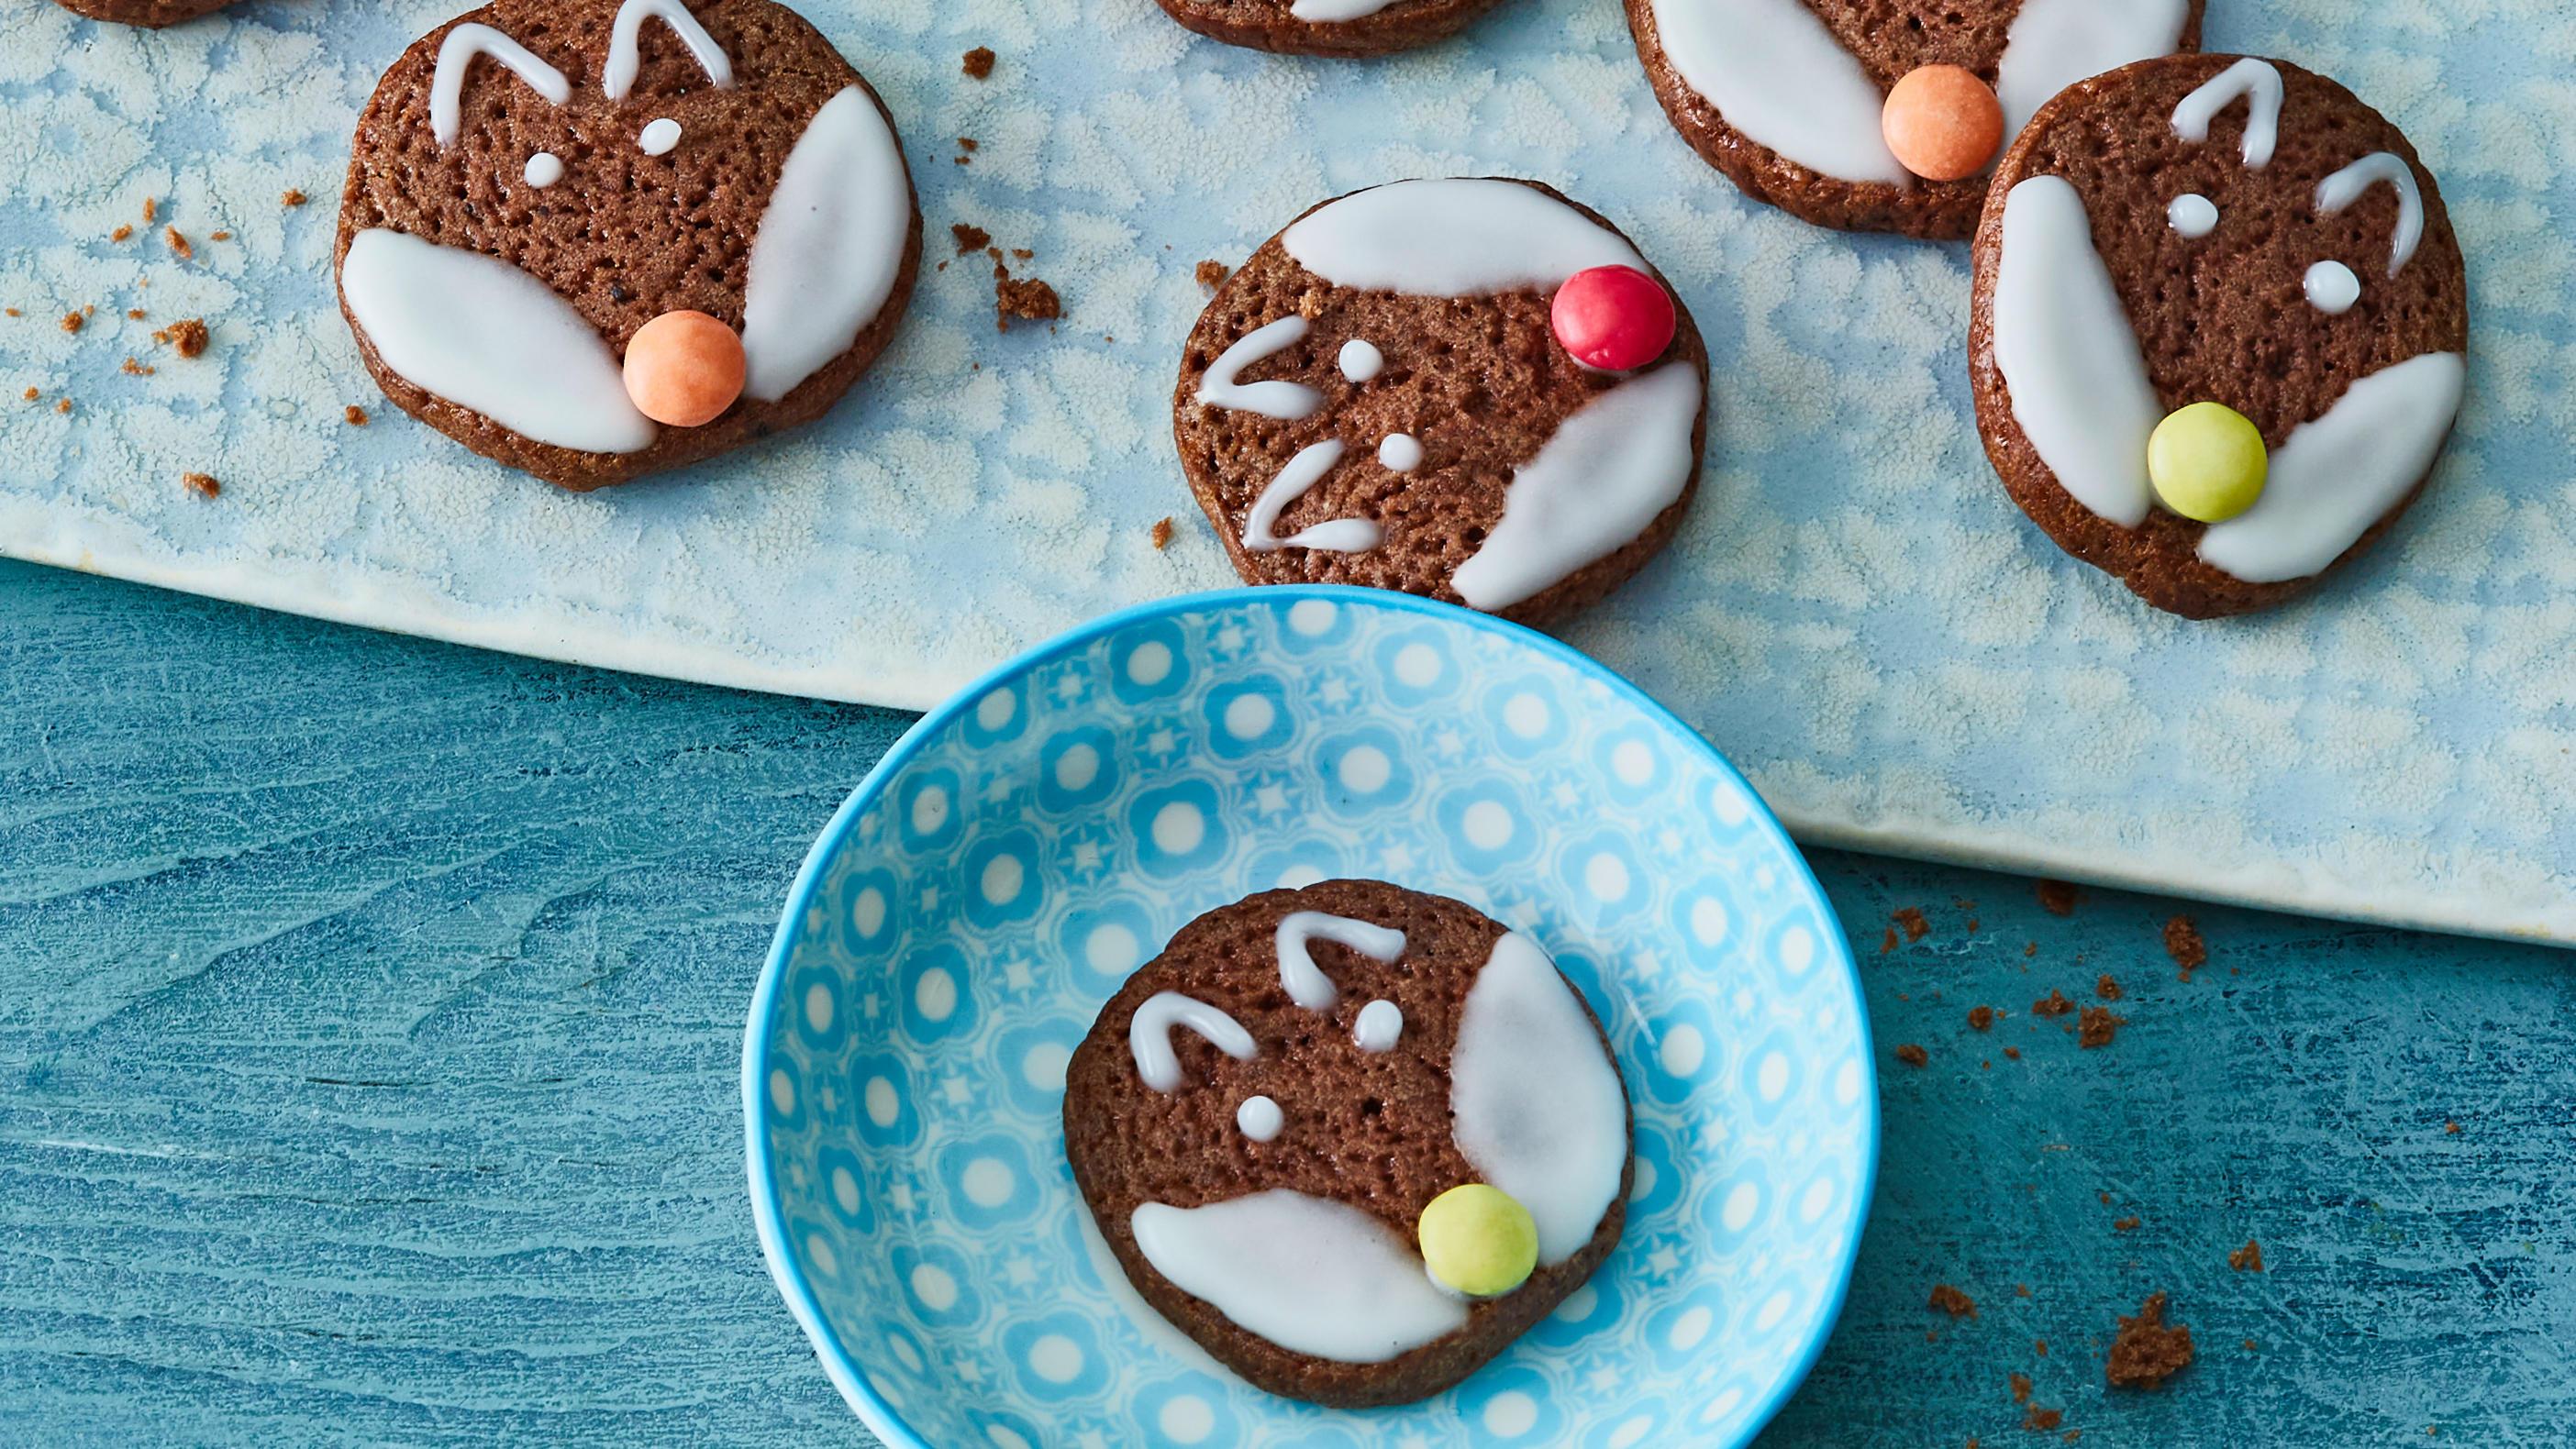 Zuckerguss und Schokolinsen - fertig sind die Rabbat-Kekse